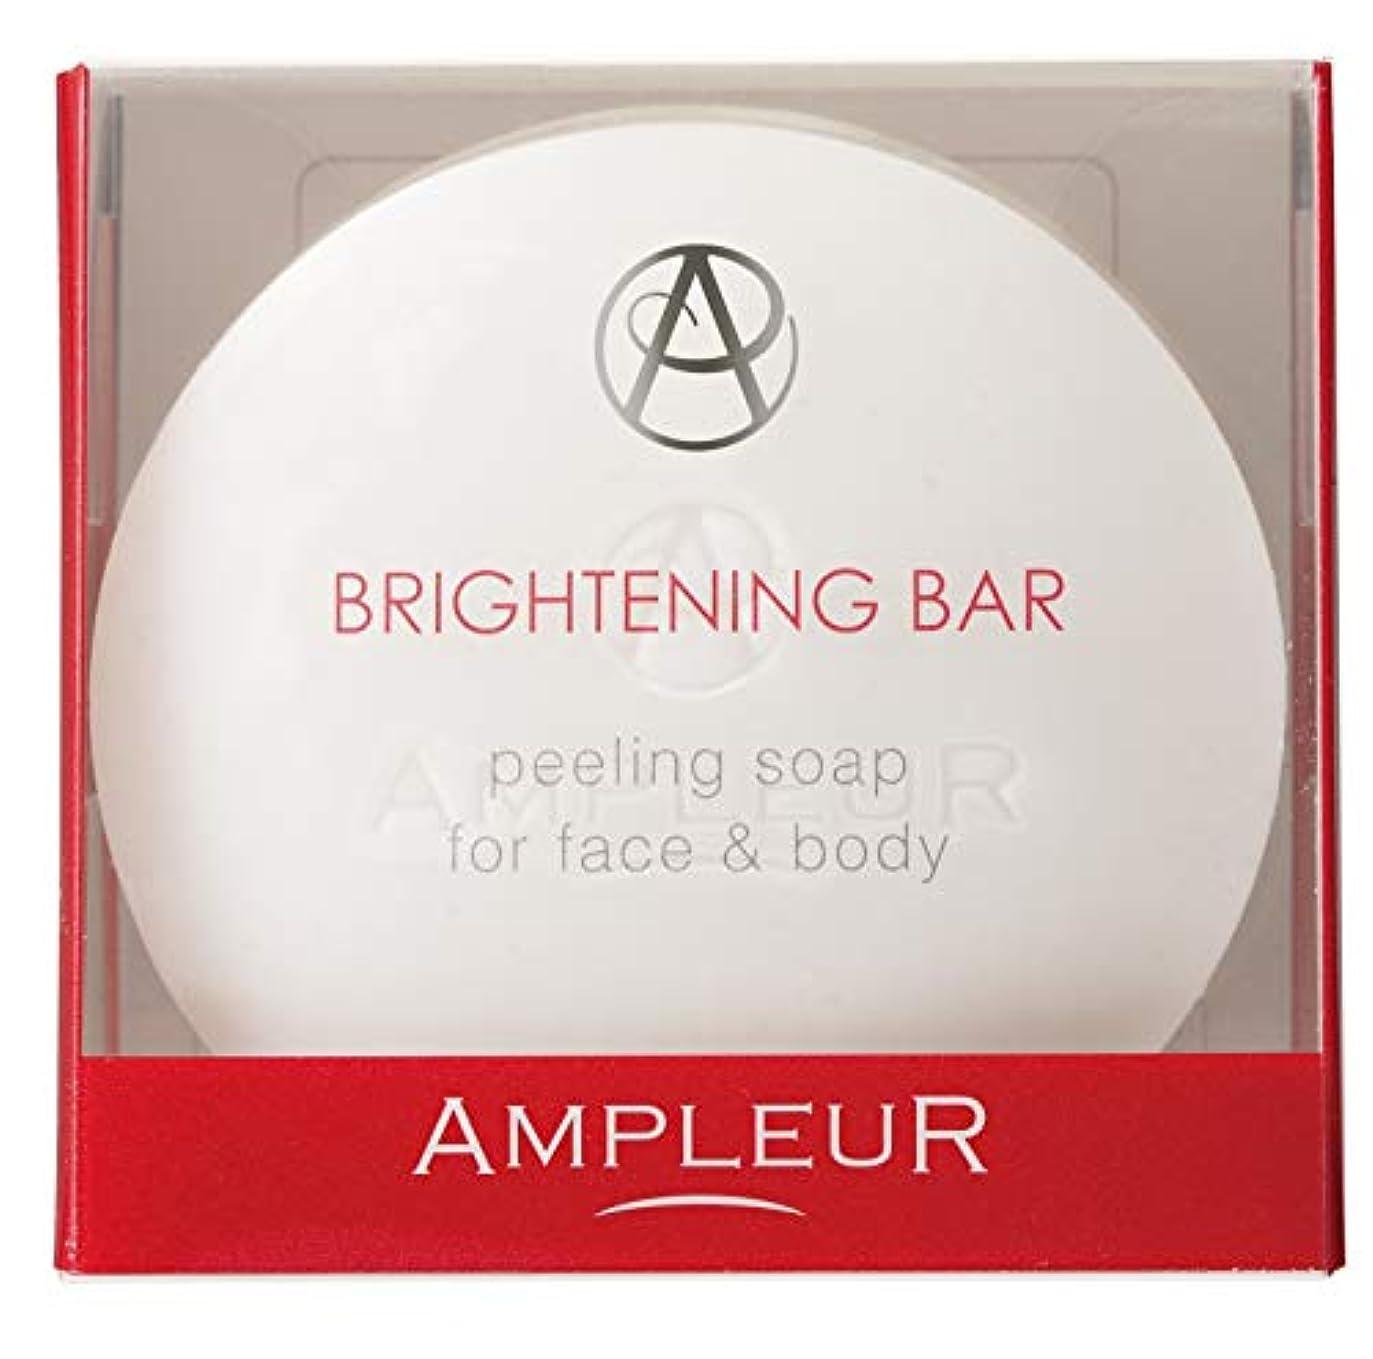 AMPLEUR(アンプルール) アンプルール ブライトニングバー 80g